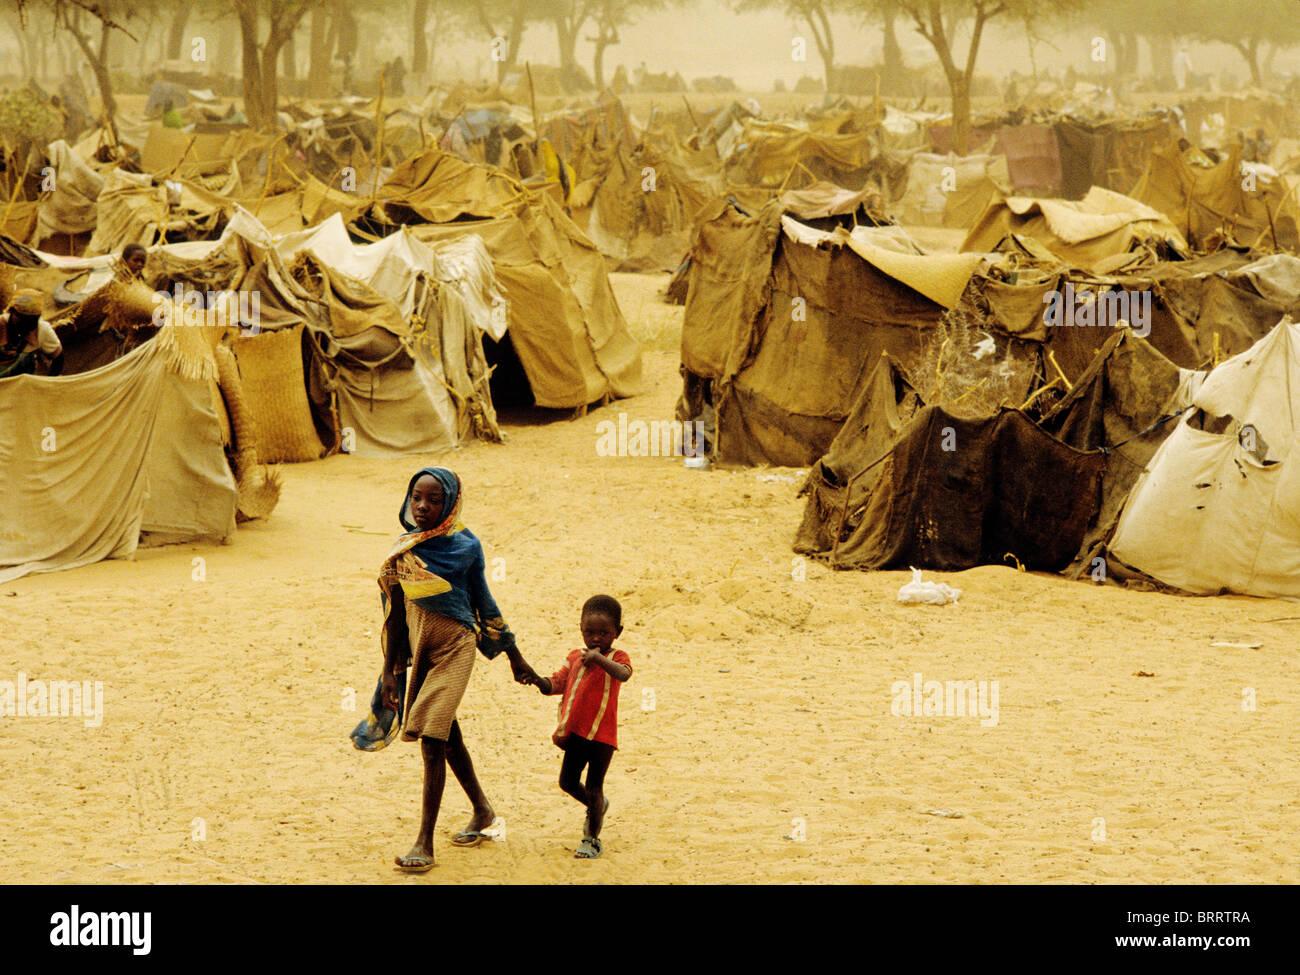 La carestia nella regione del Darfur del Sudan, 1985. Sorella e fratello a Mawashi campo profughi nei pressi di Immagini Stock